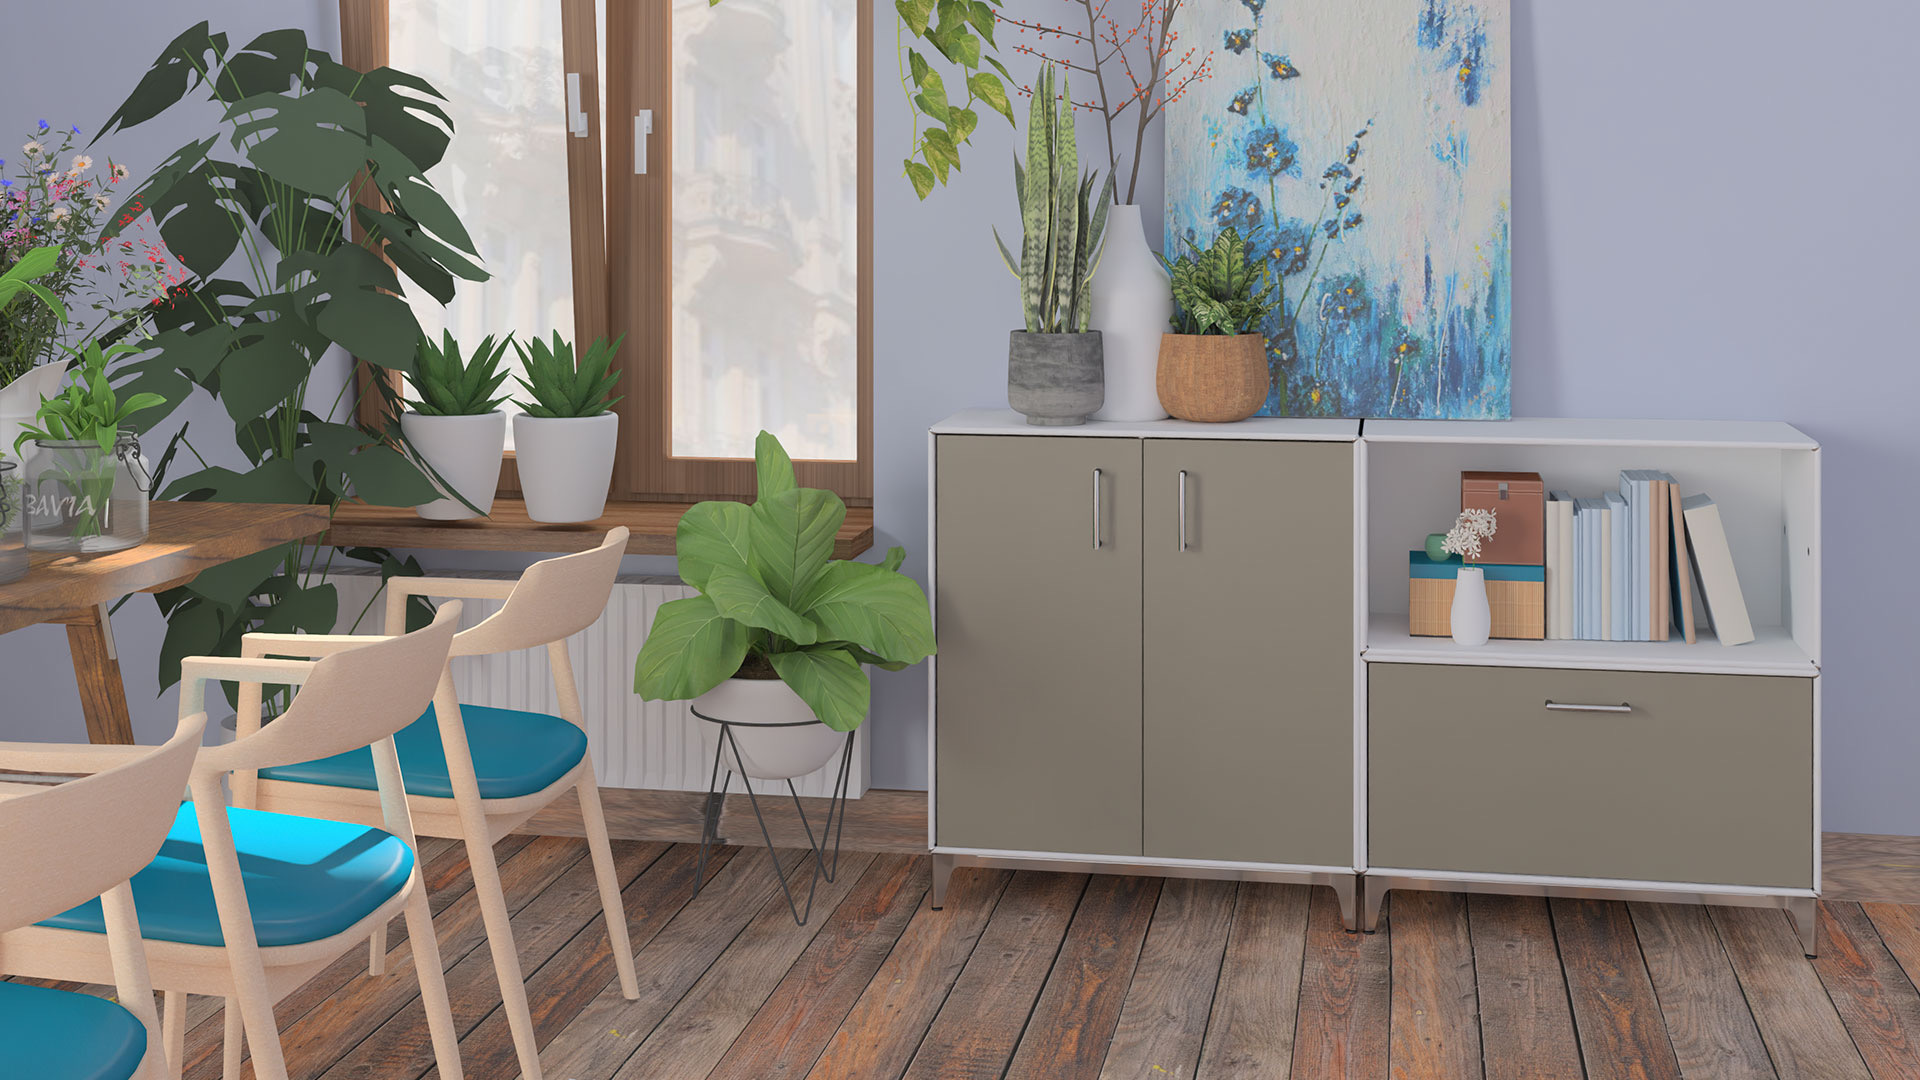 Design-Moebel-Stauraum-Wohnraum8-element-x-mauser-16-9